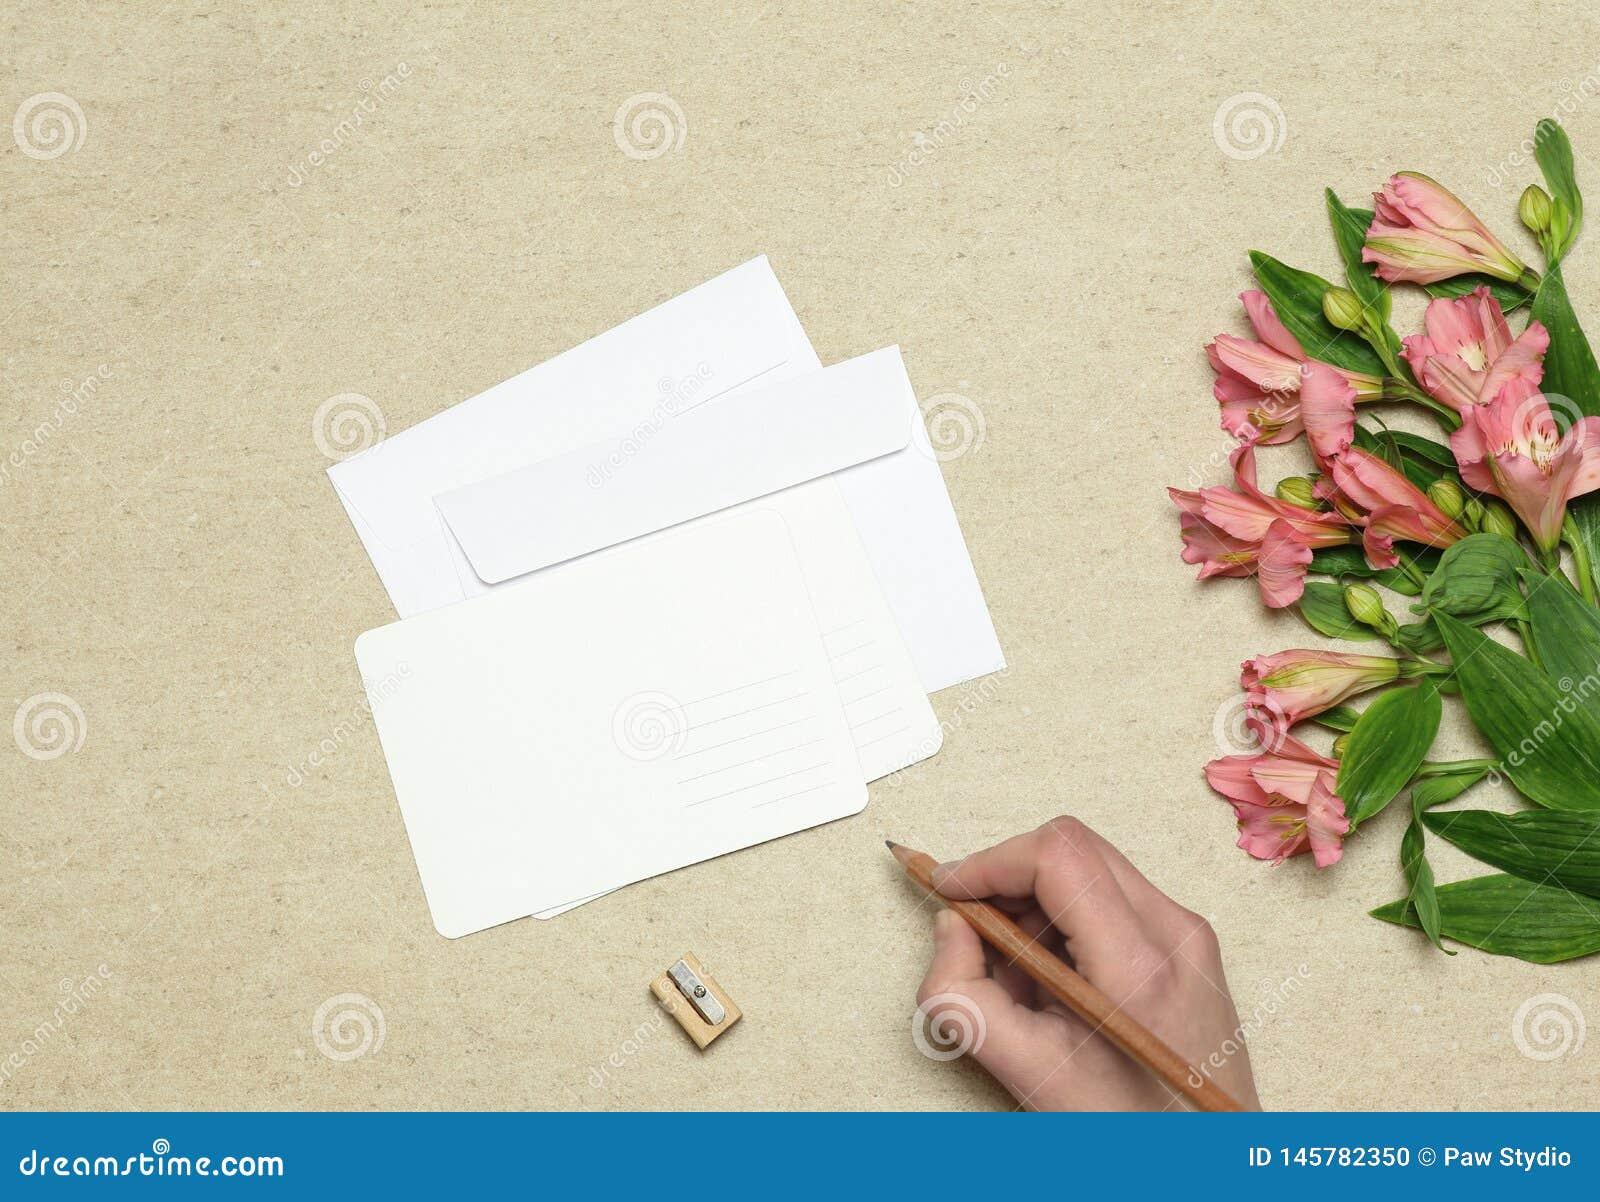 Koperta i pocztówka z kwiatami na kamiennym tle